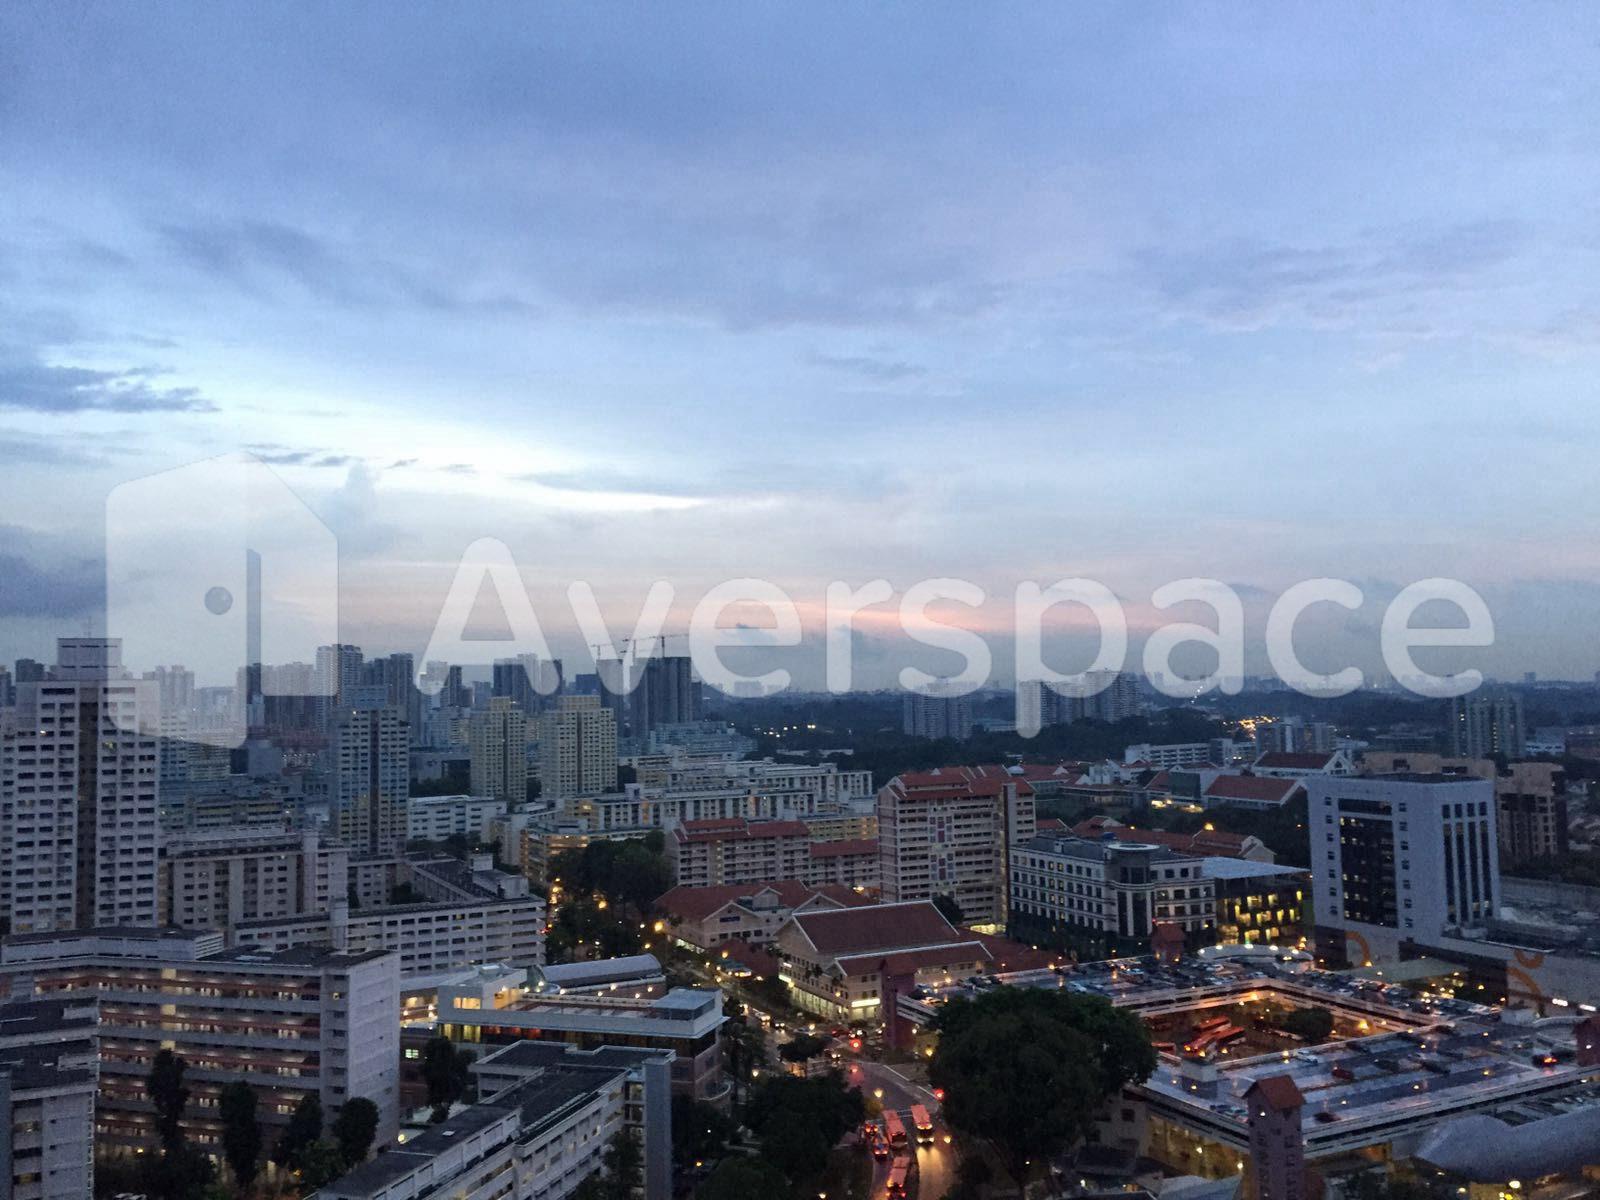 9 Bishan Street 15, District 20 Singapore